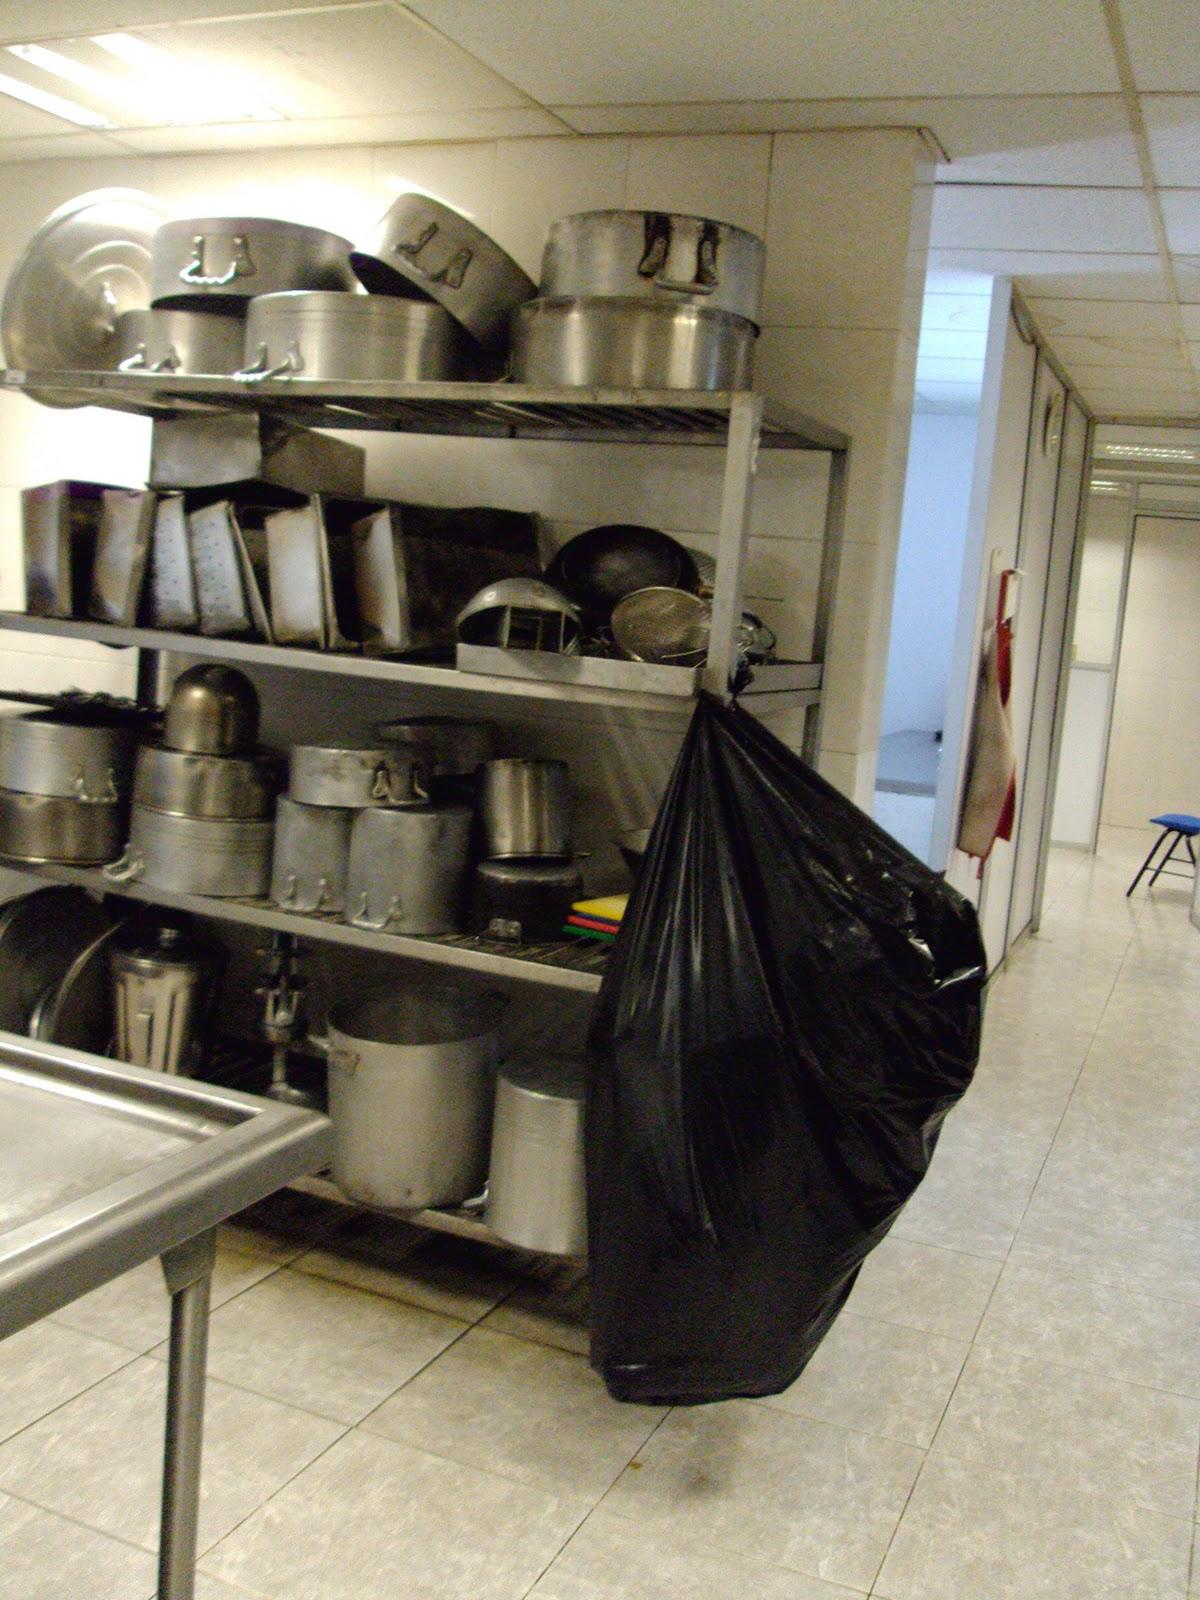 Pr ctica de comedores industriales informe for Ollas para cocina industrial